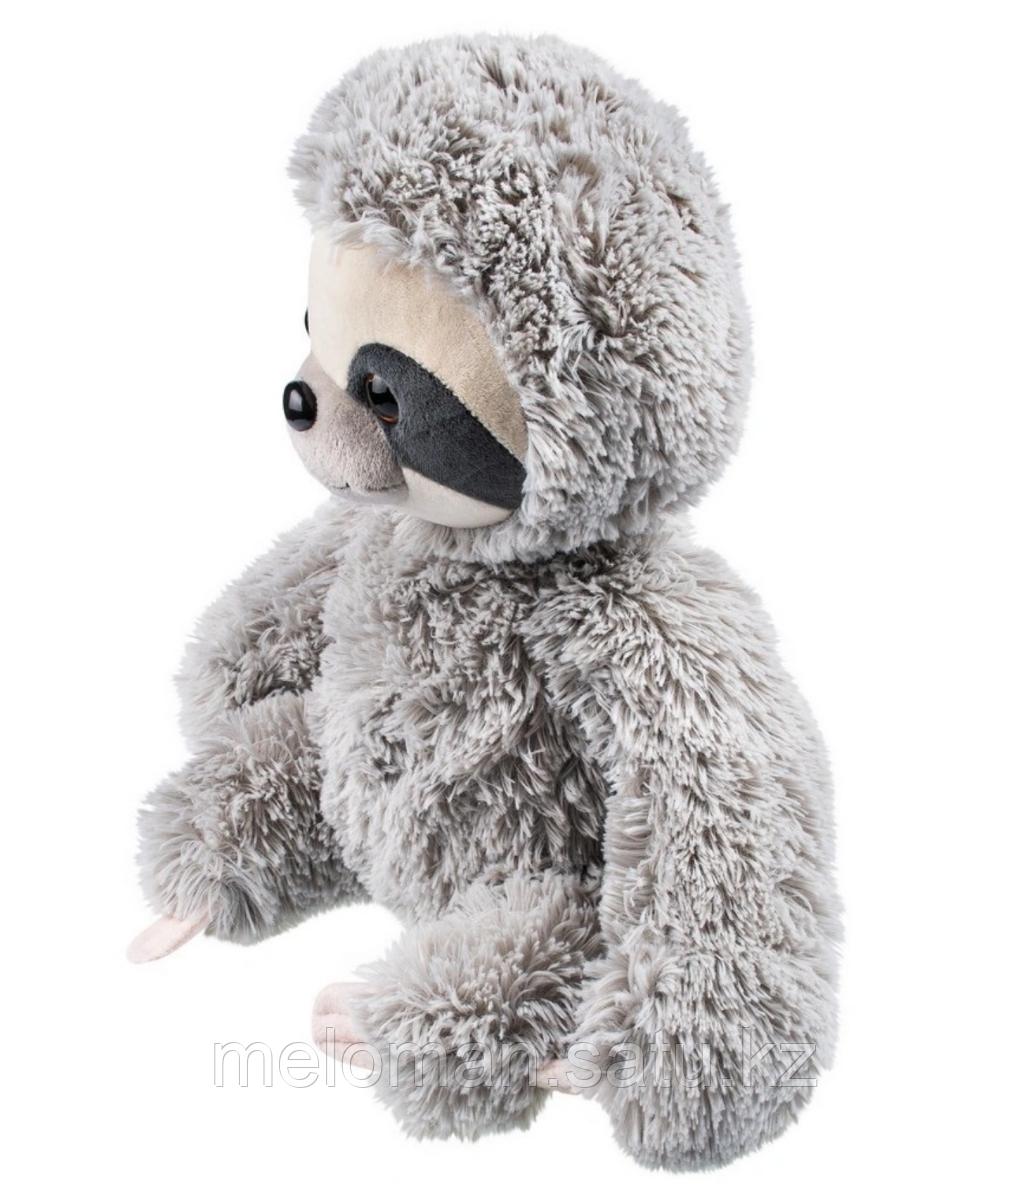 """Fancy: Подарочная игрушка""""Ленивец"""" - фото 3"""